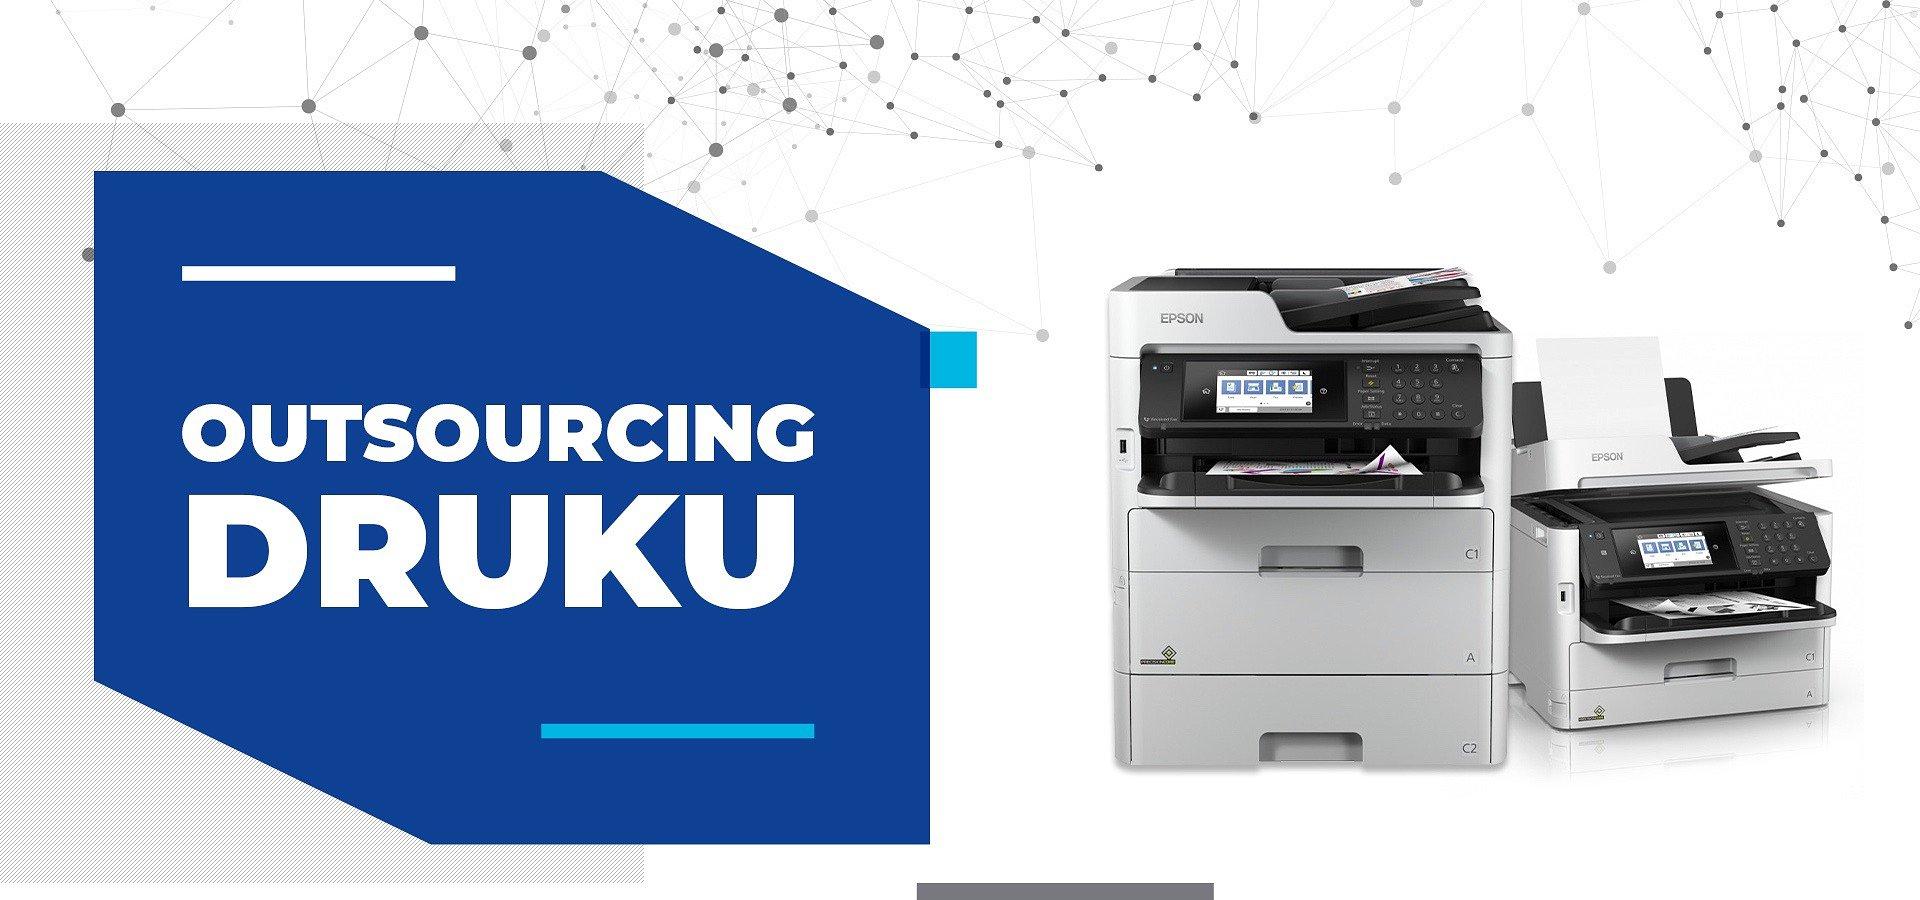 Outsourcing druku – podstawowe źródło oszczędności dla firmy